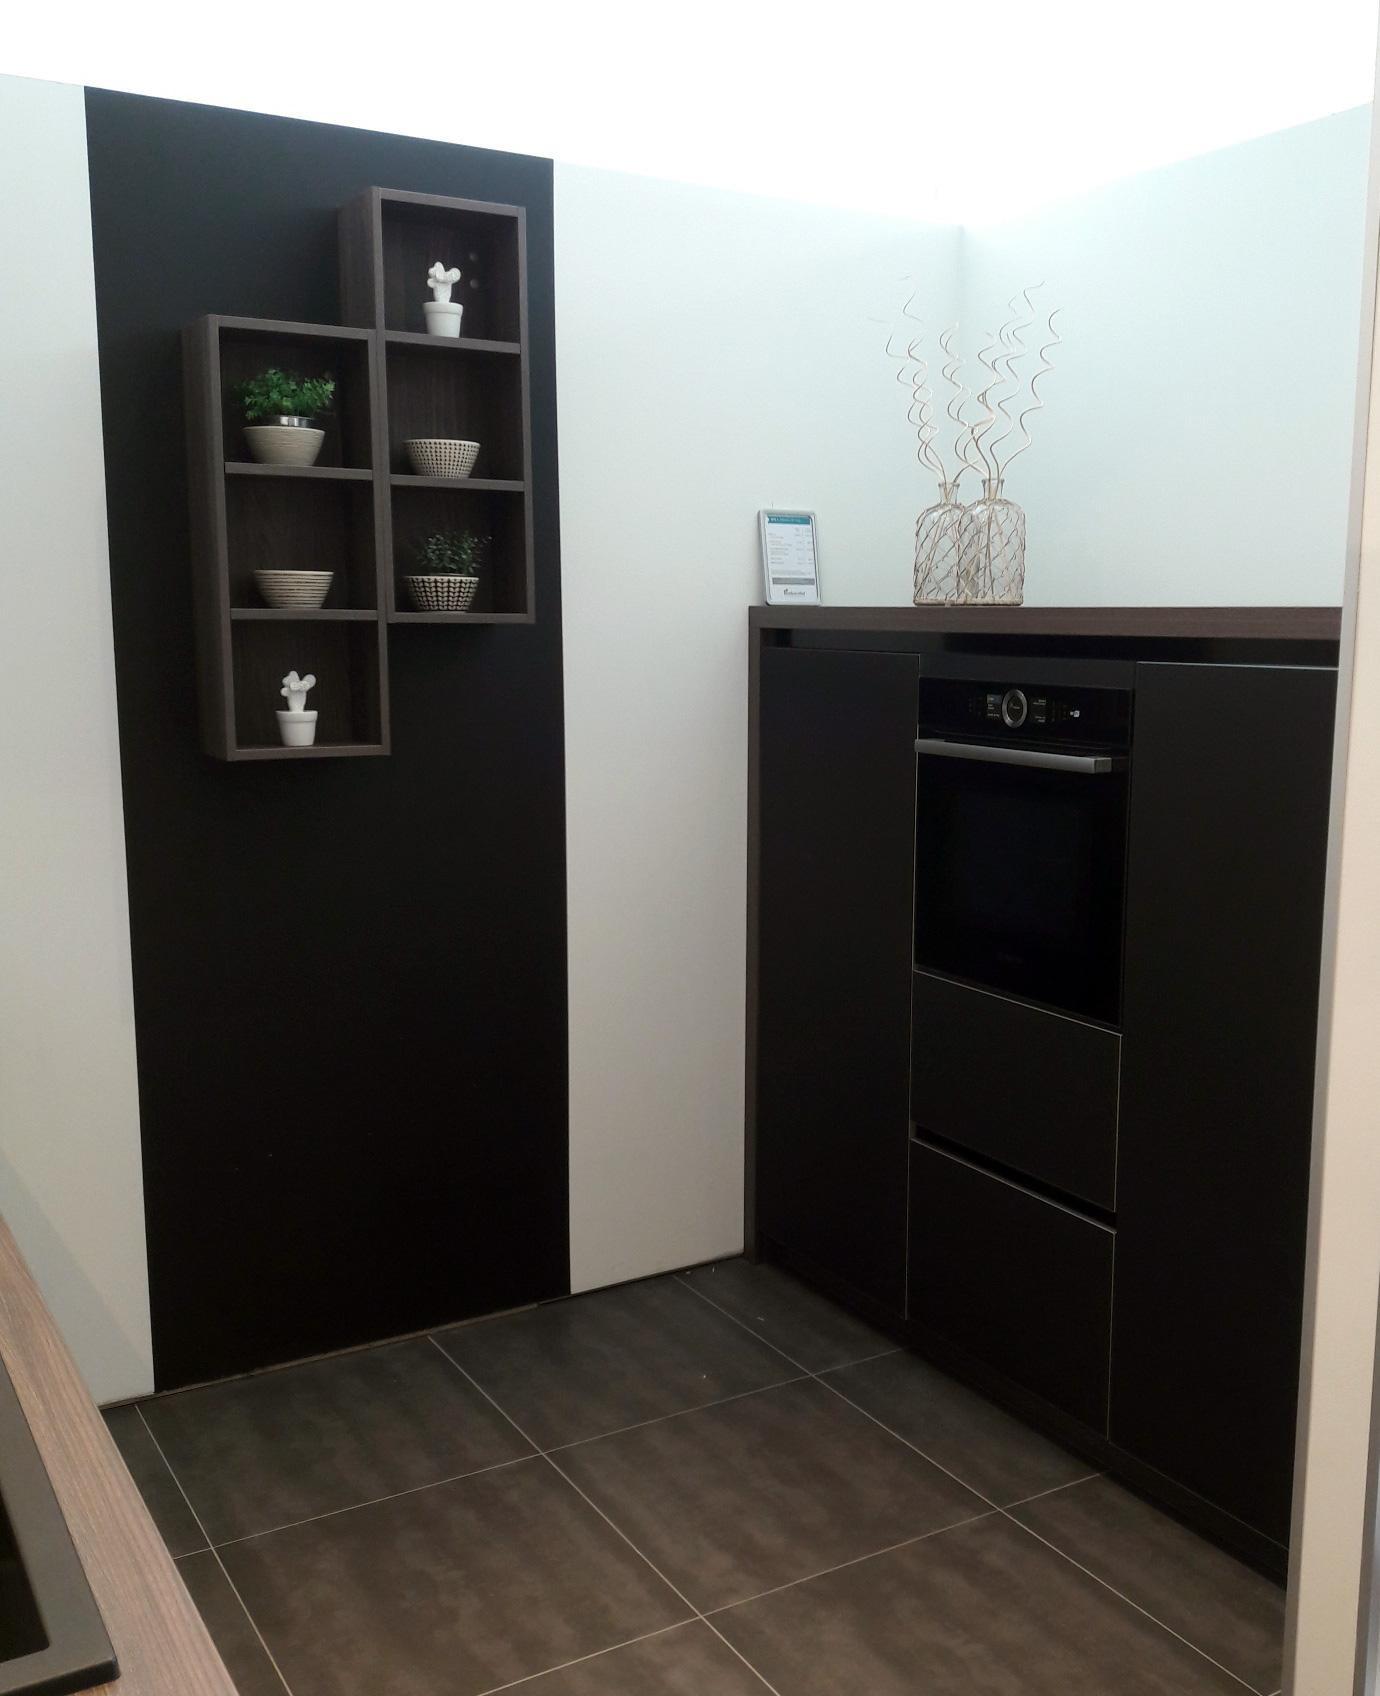 Cuisine stormer induscabel salle de bains chauffage et for Cuisine avec electromenager compris